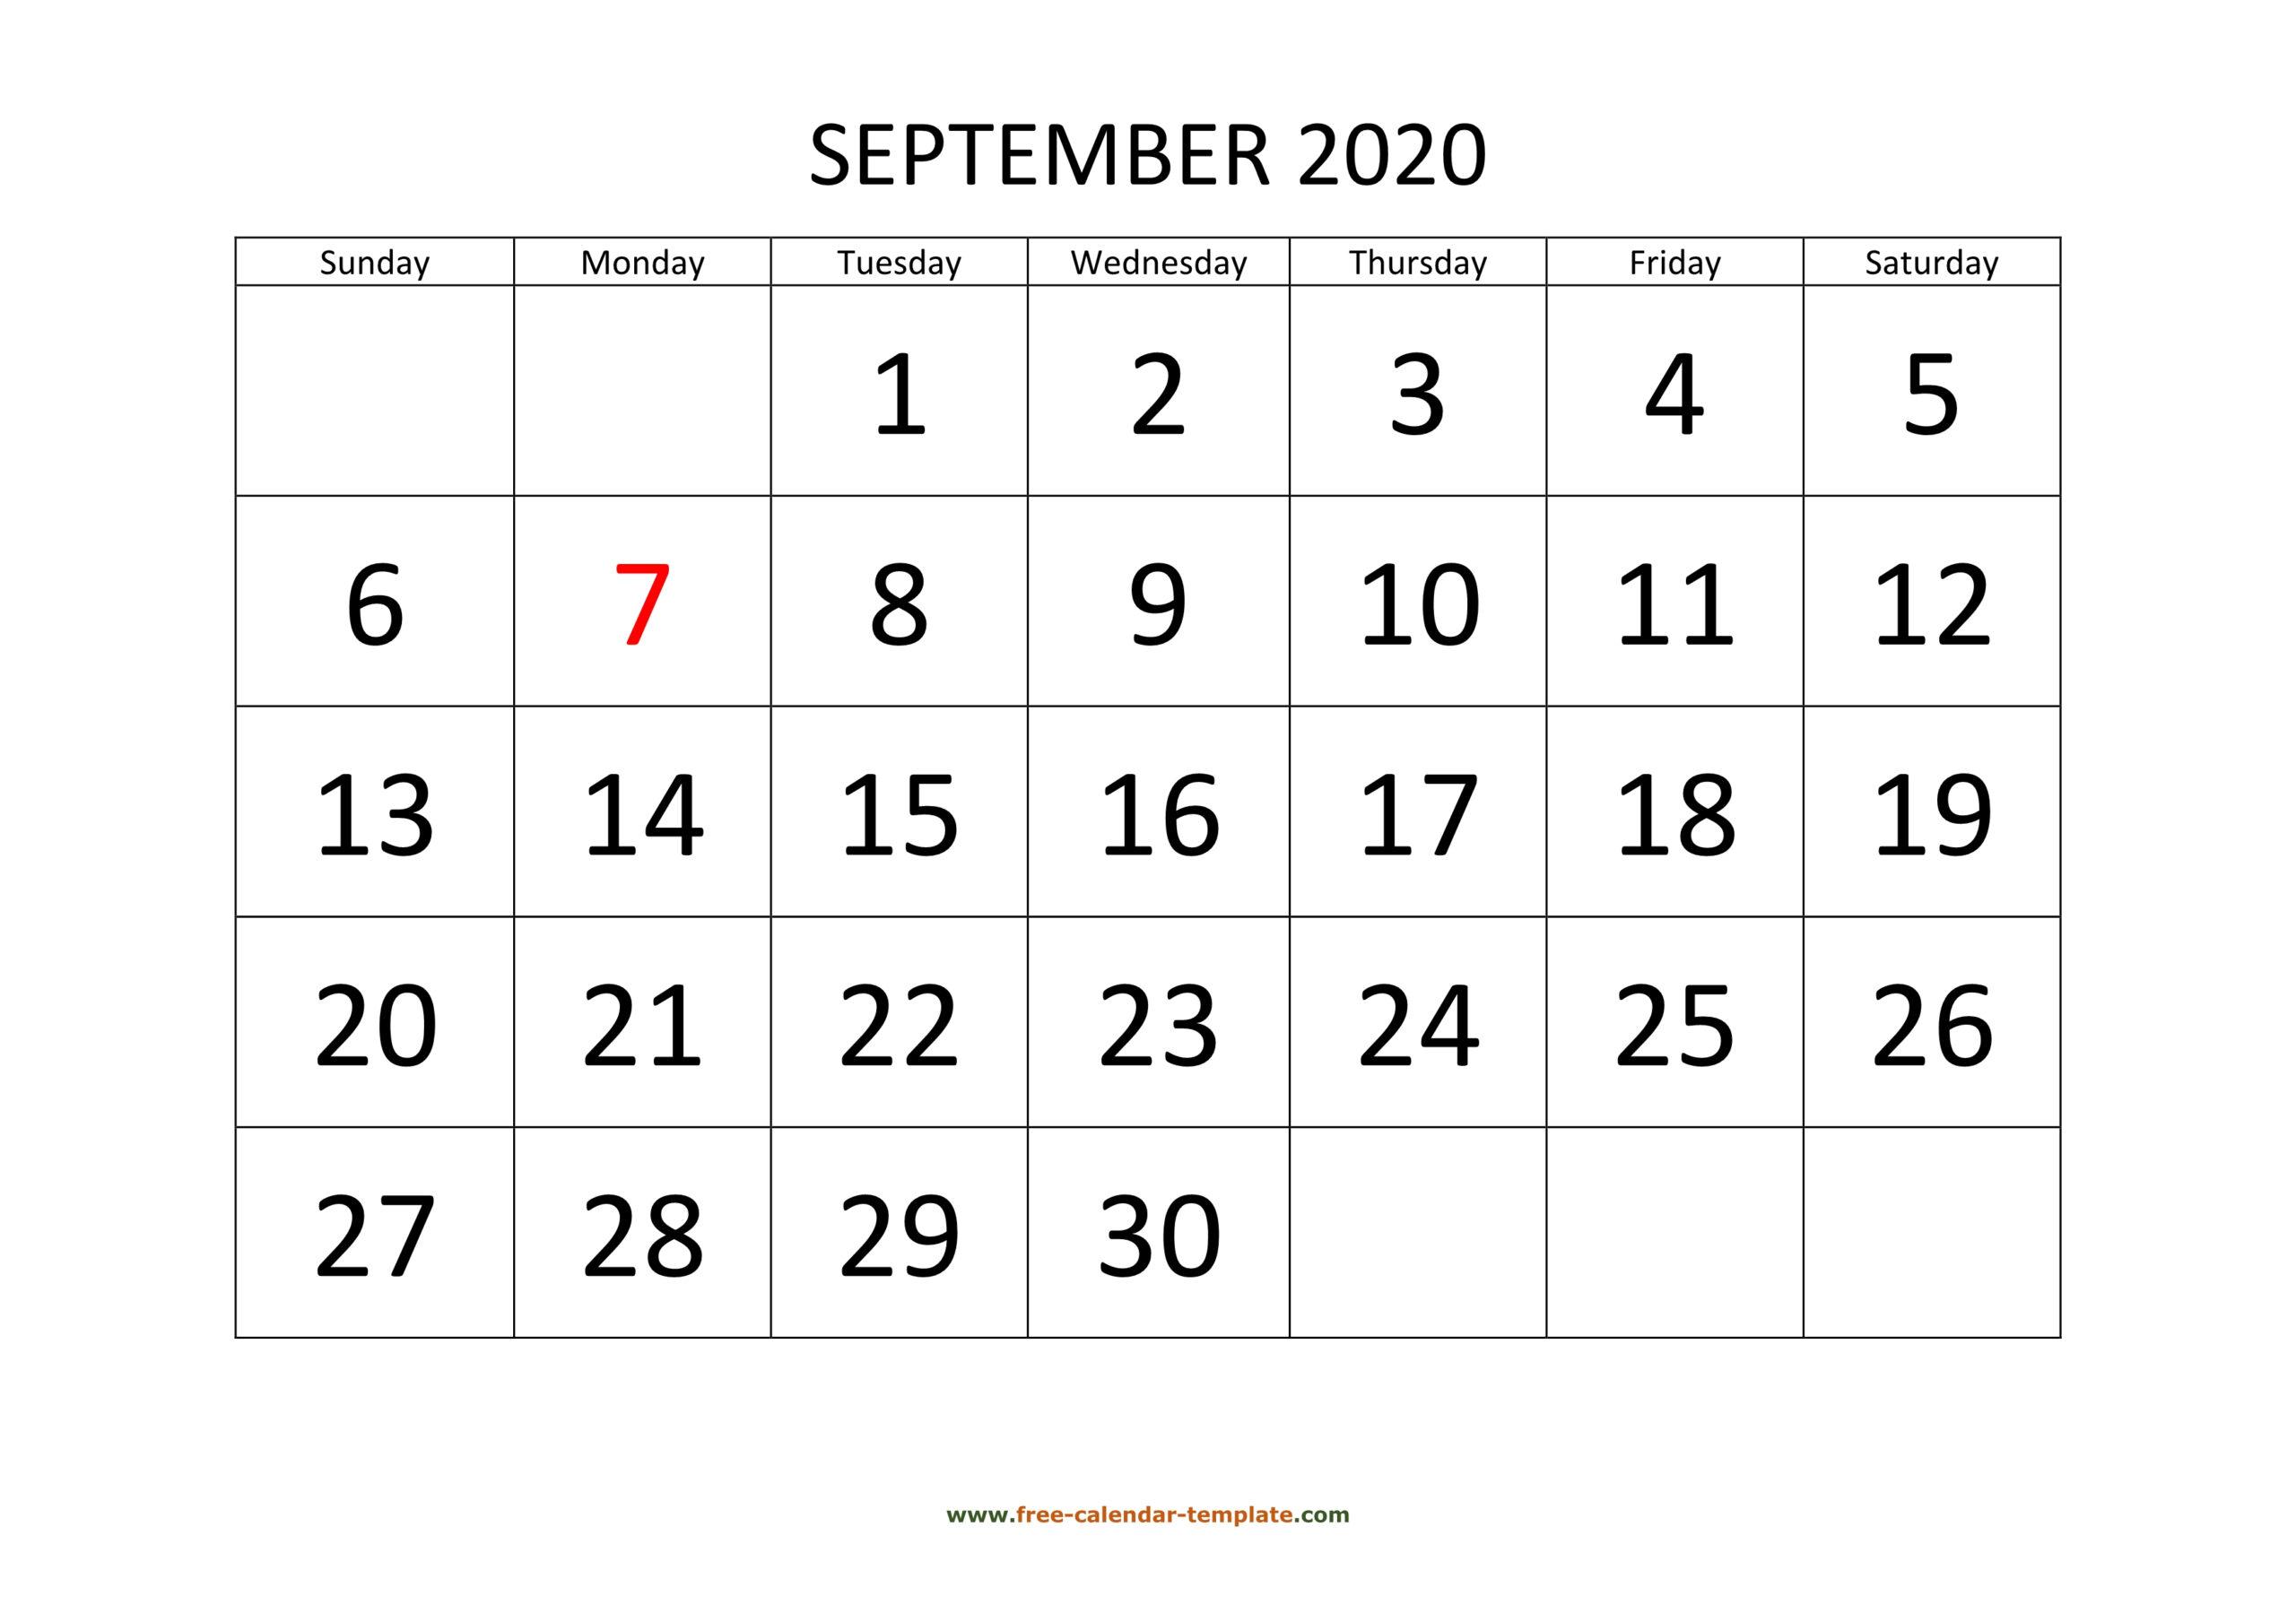 September 2020 Free Calendar Tempplate   Free-Calendar